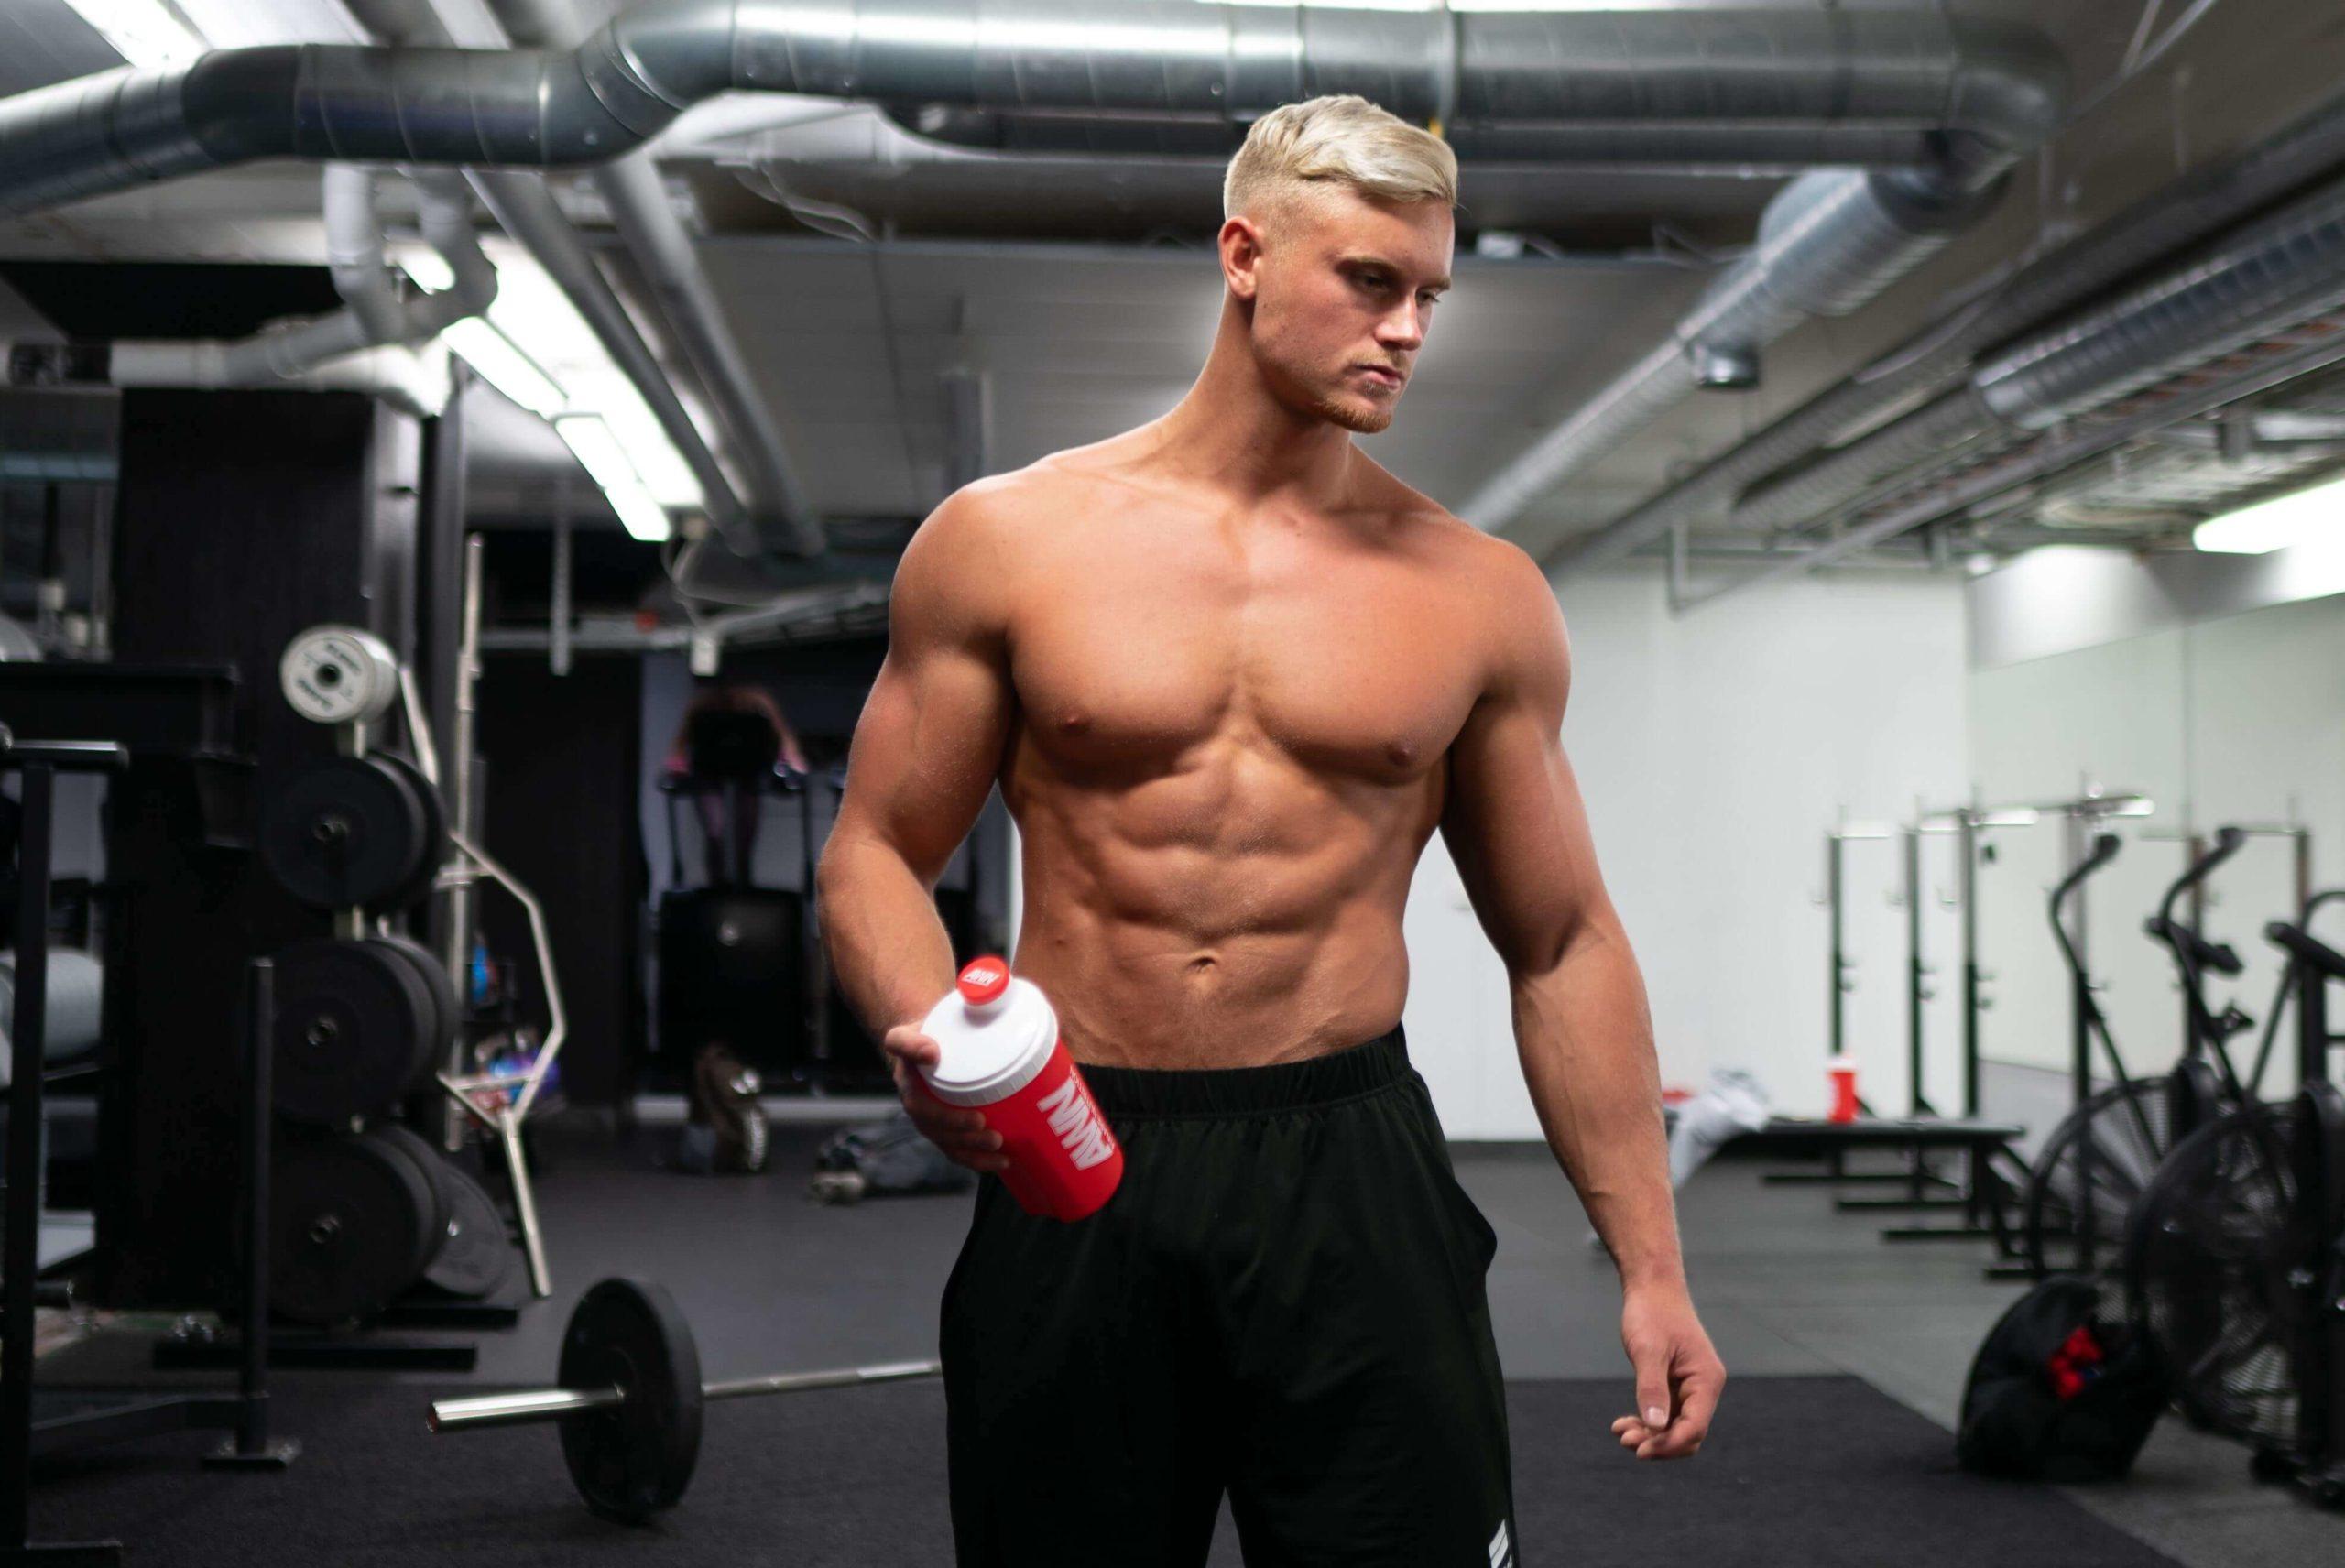 Shirtless Muscular Blonde Man at Gym